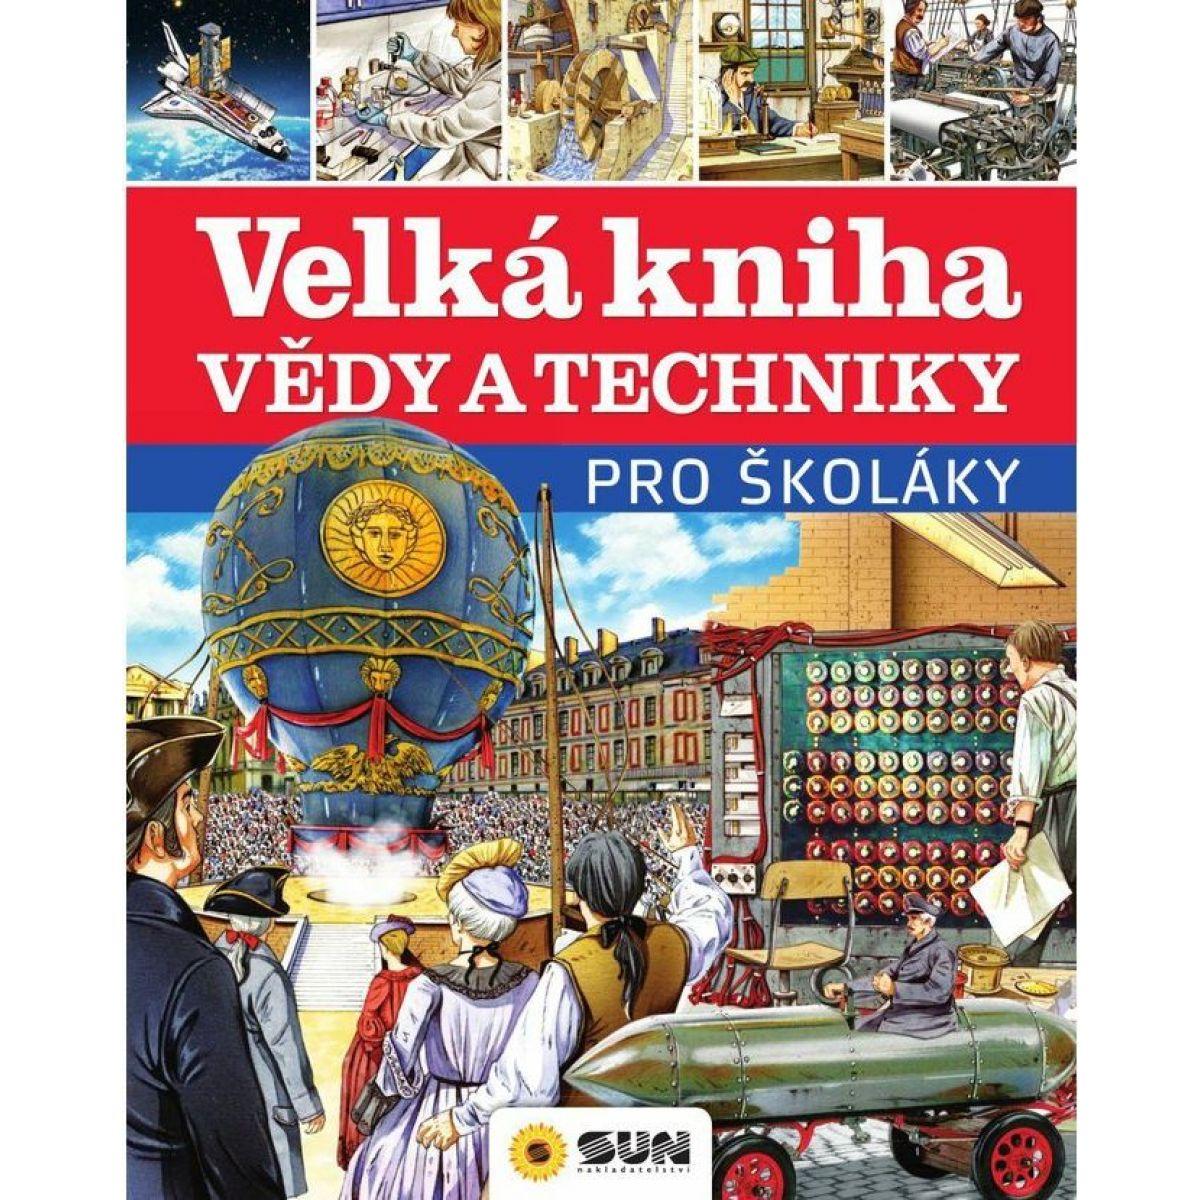 Veľká kniha vedy a techniky pre školákov